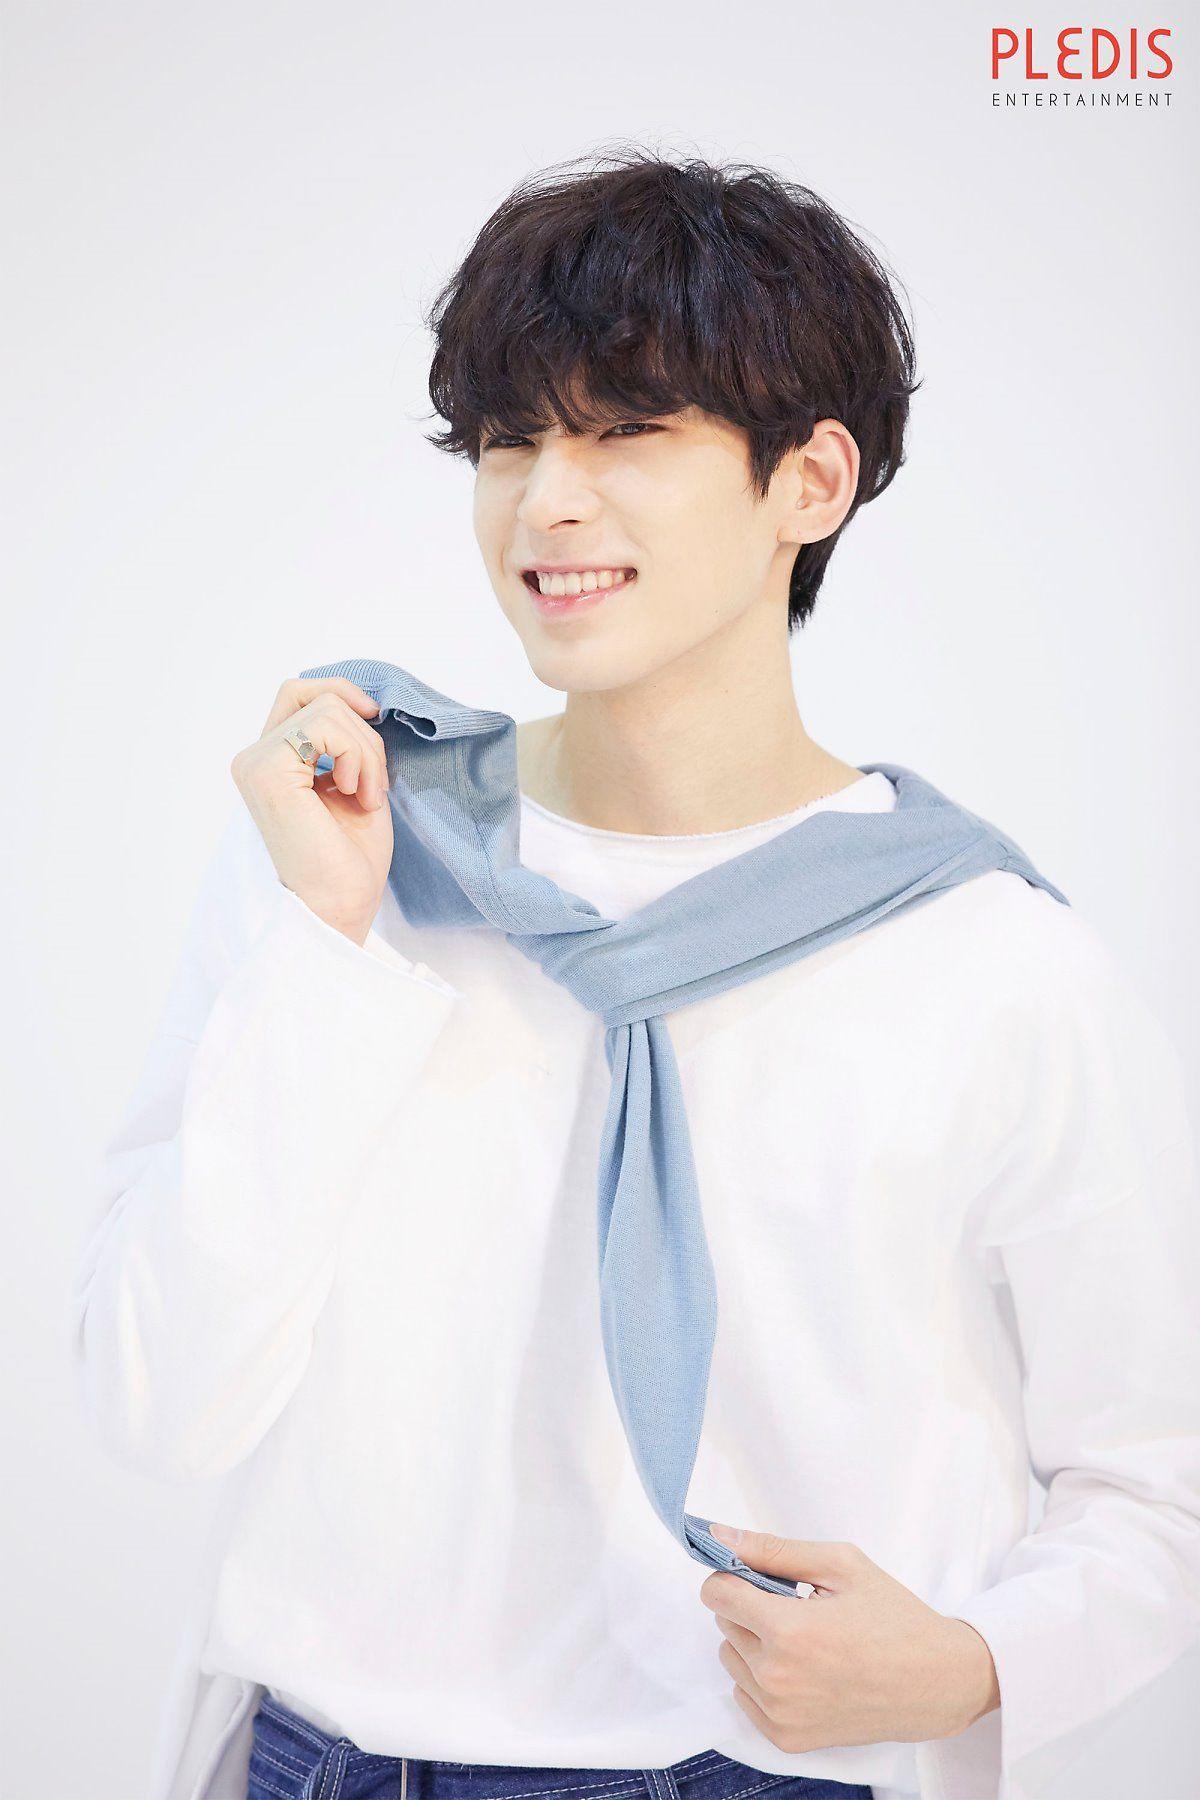 구름 위 빛 | Jeonghan seventeen, Seungkwan, Seventeen